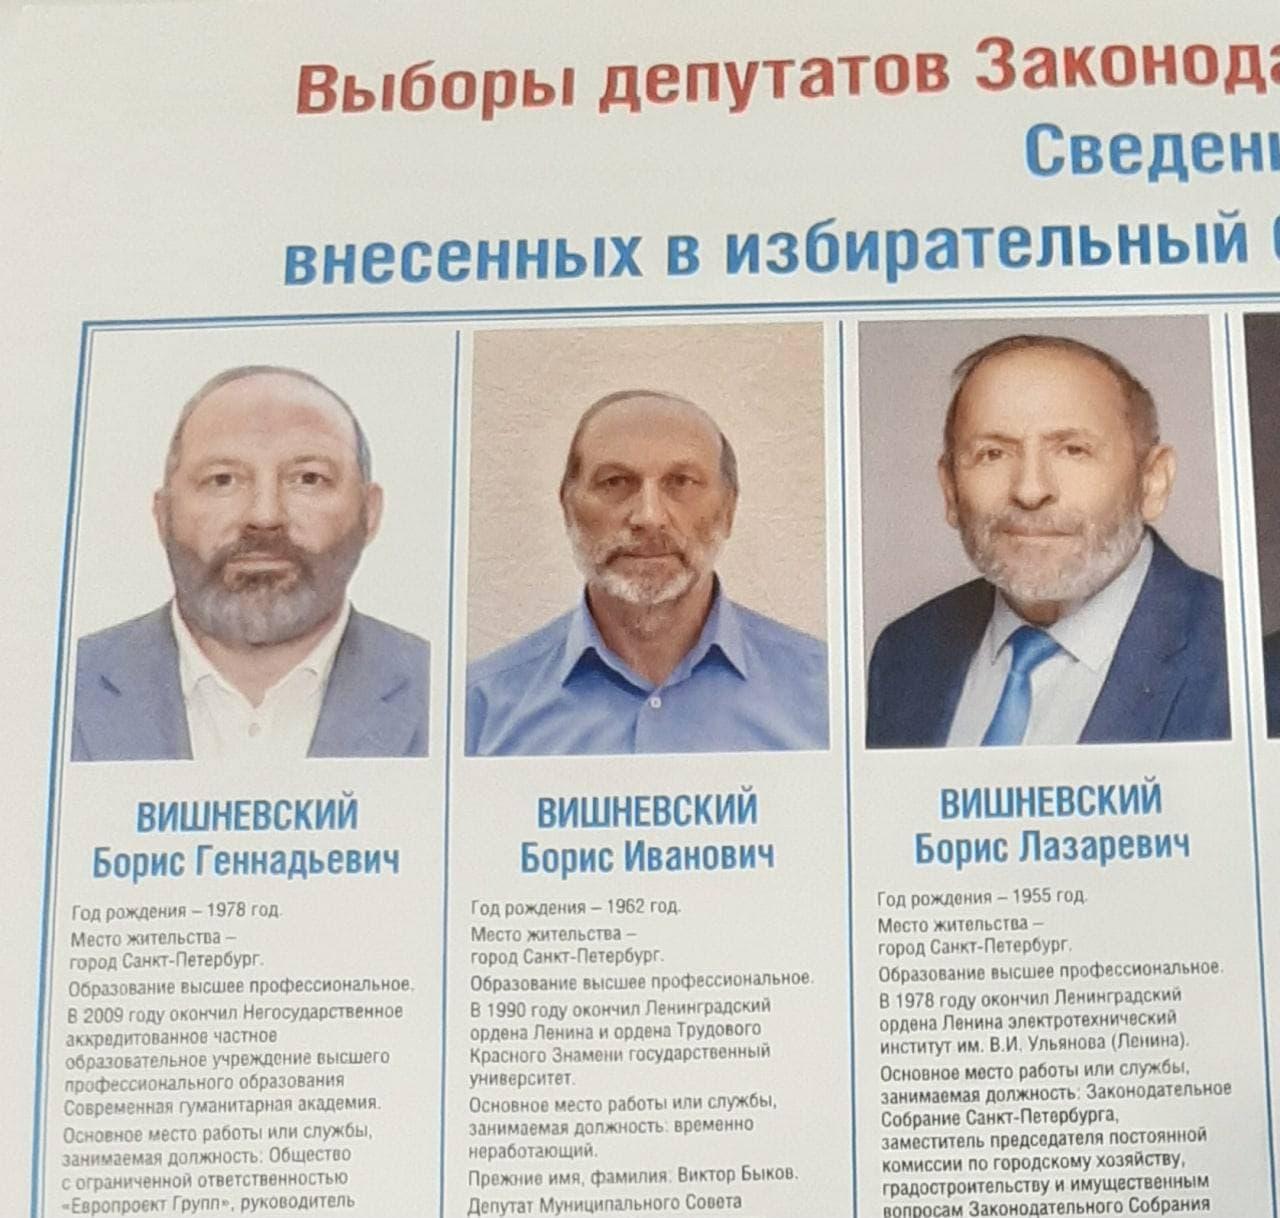 ФОТО: «Фонтанка.ру»